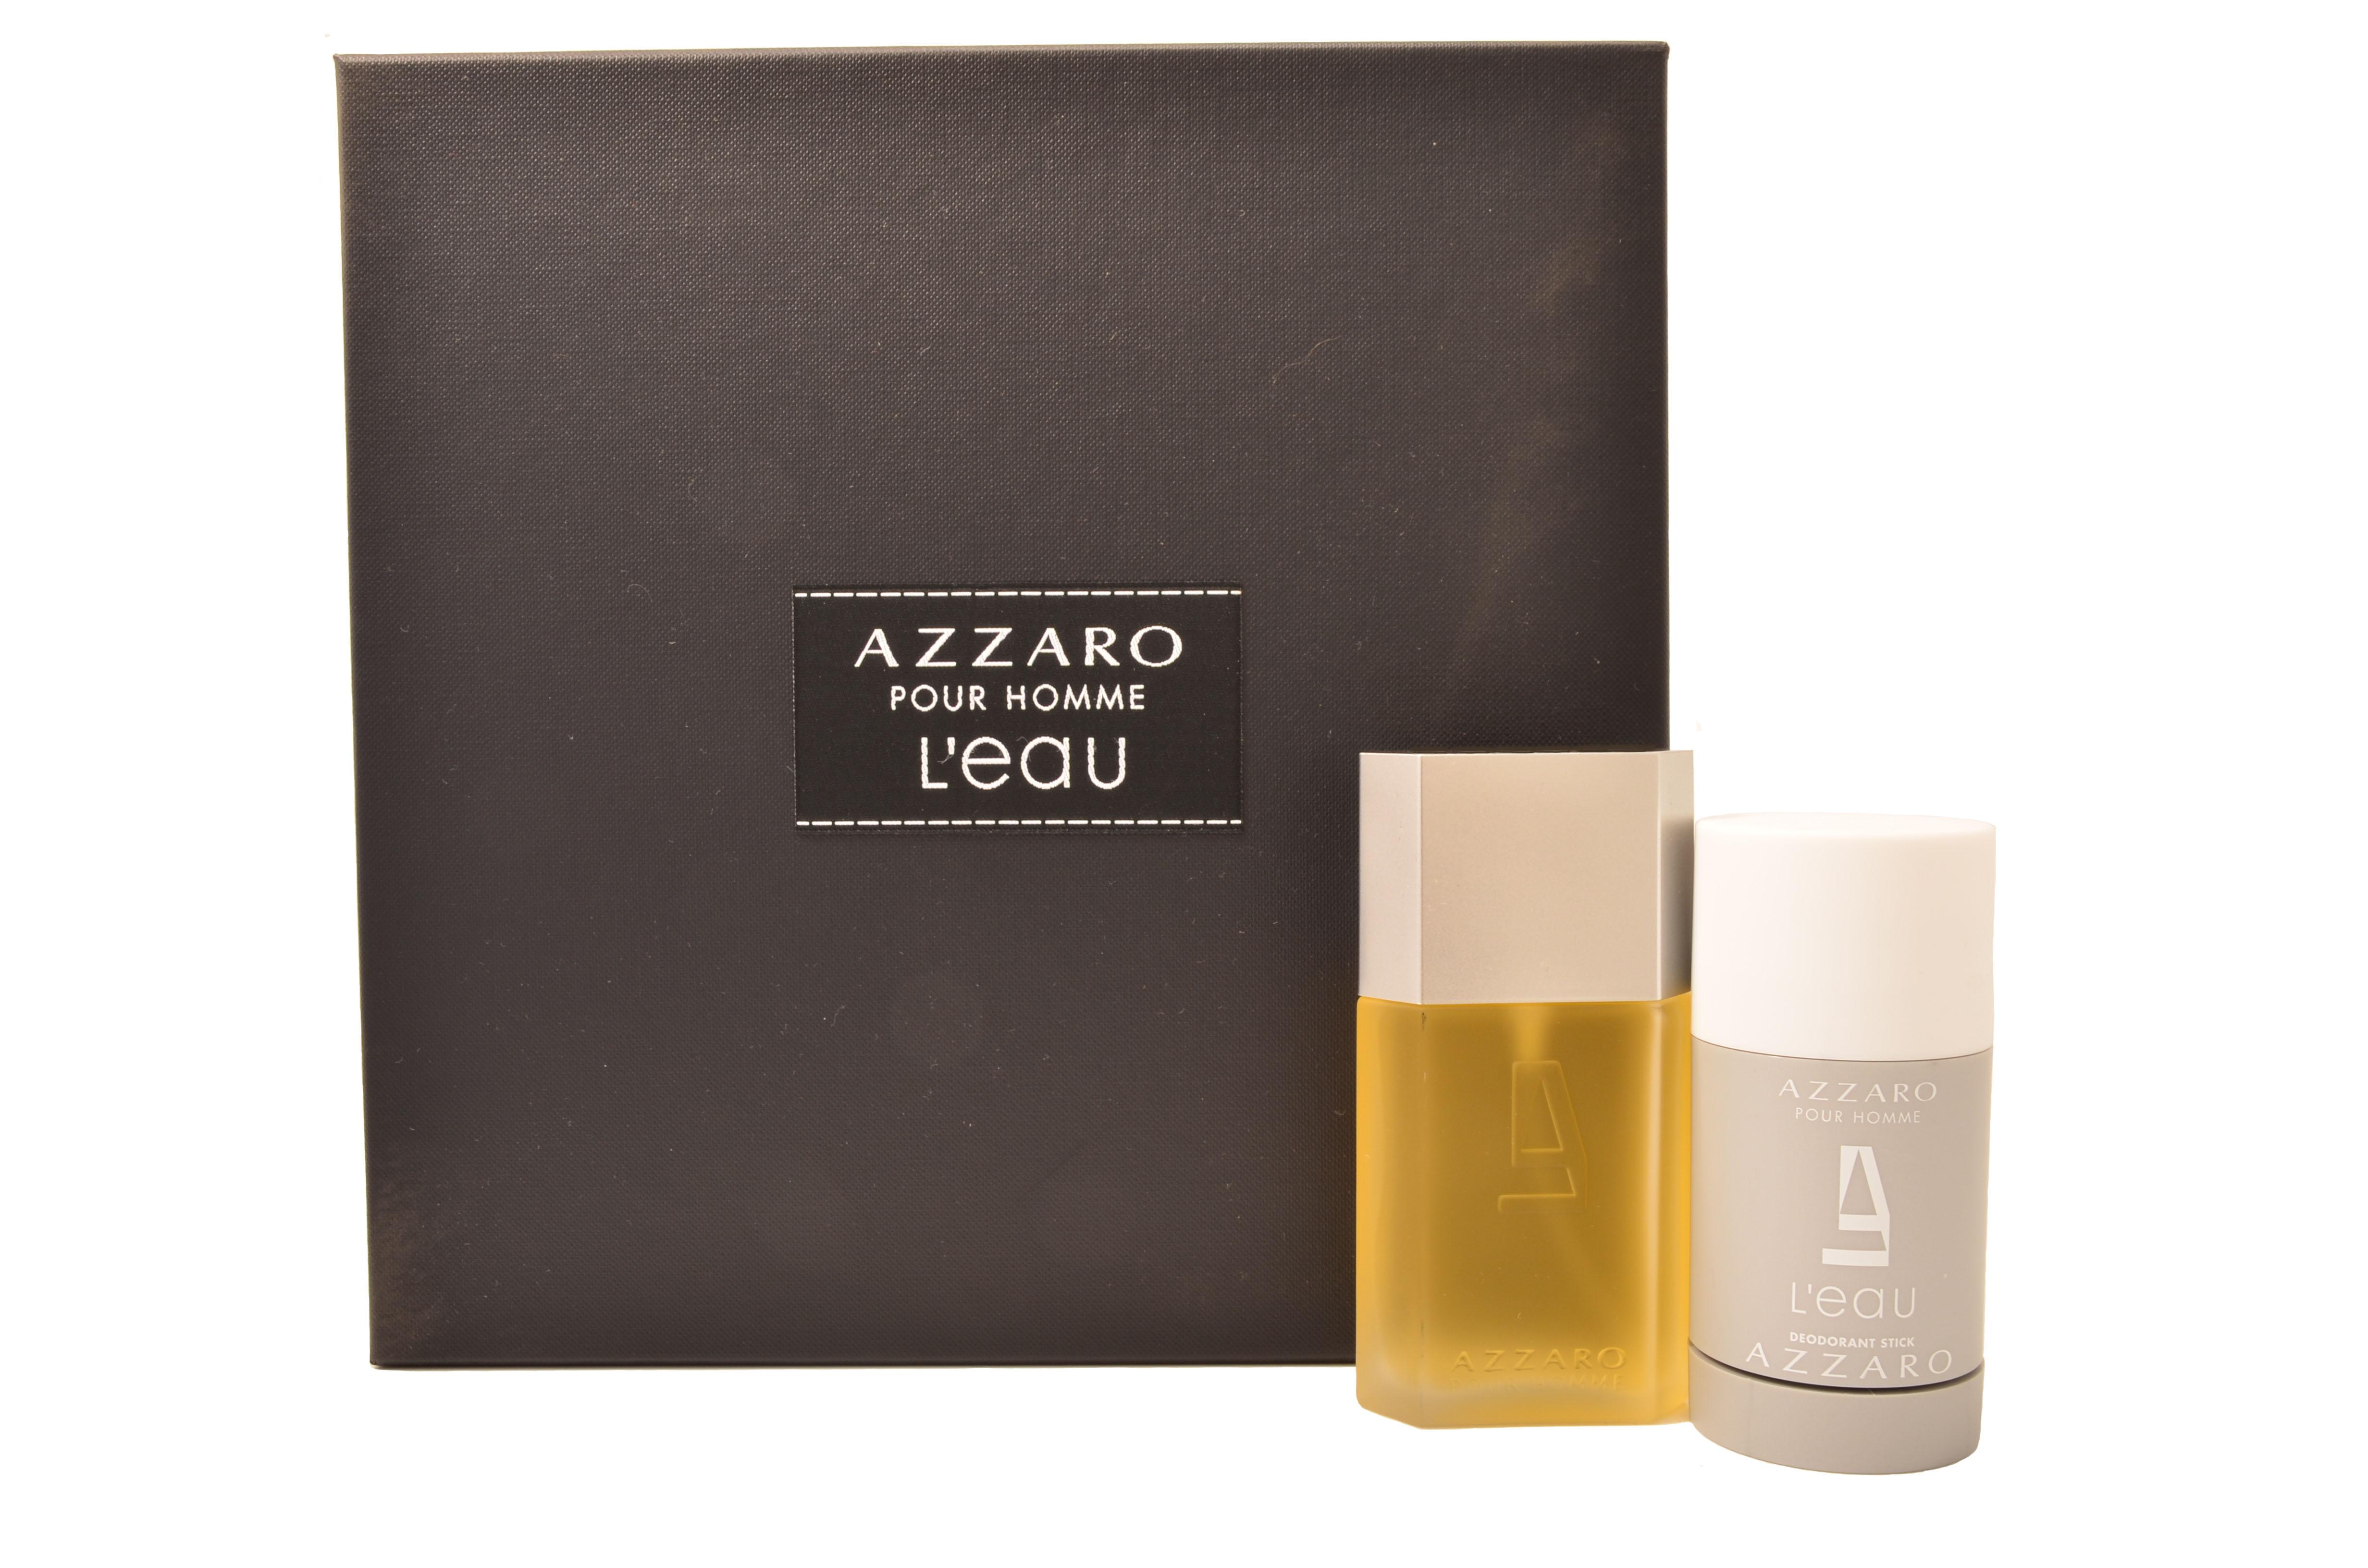 276fcd7982e AZZARO POUR HOMME LEAU EDT 50ML   DEO STICK 75ML - Perfume Hub